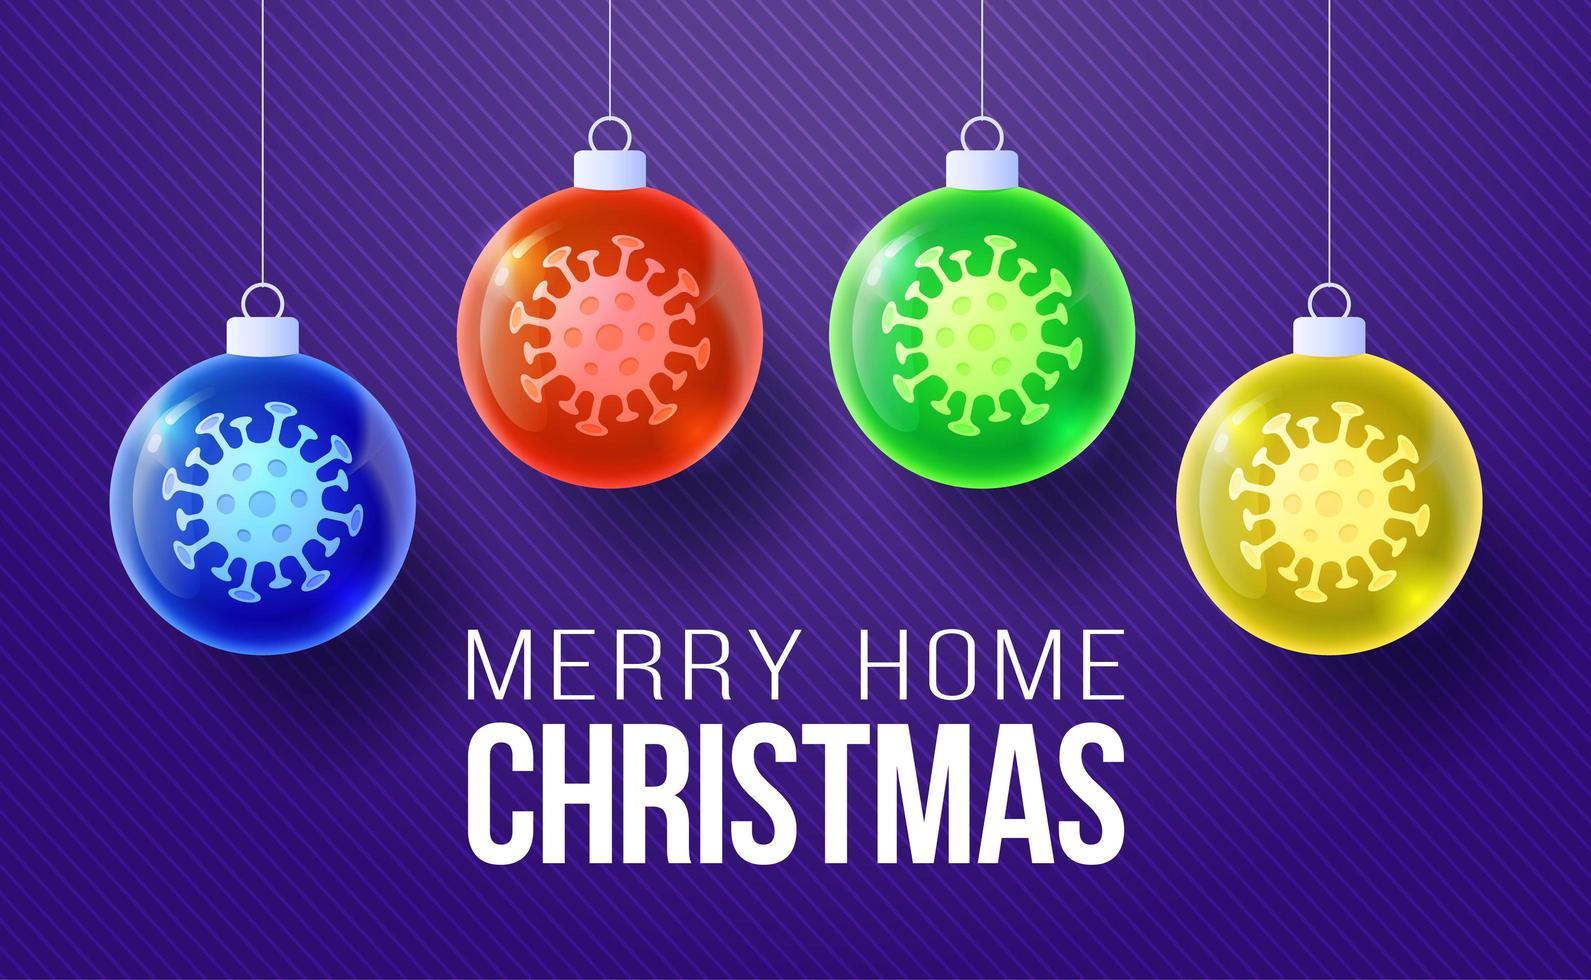 bannière de boule de coronavirus de Noël en verre vecteur